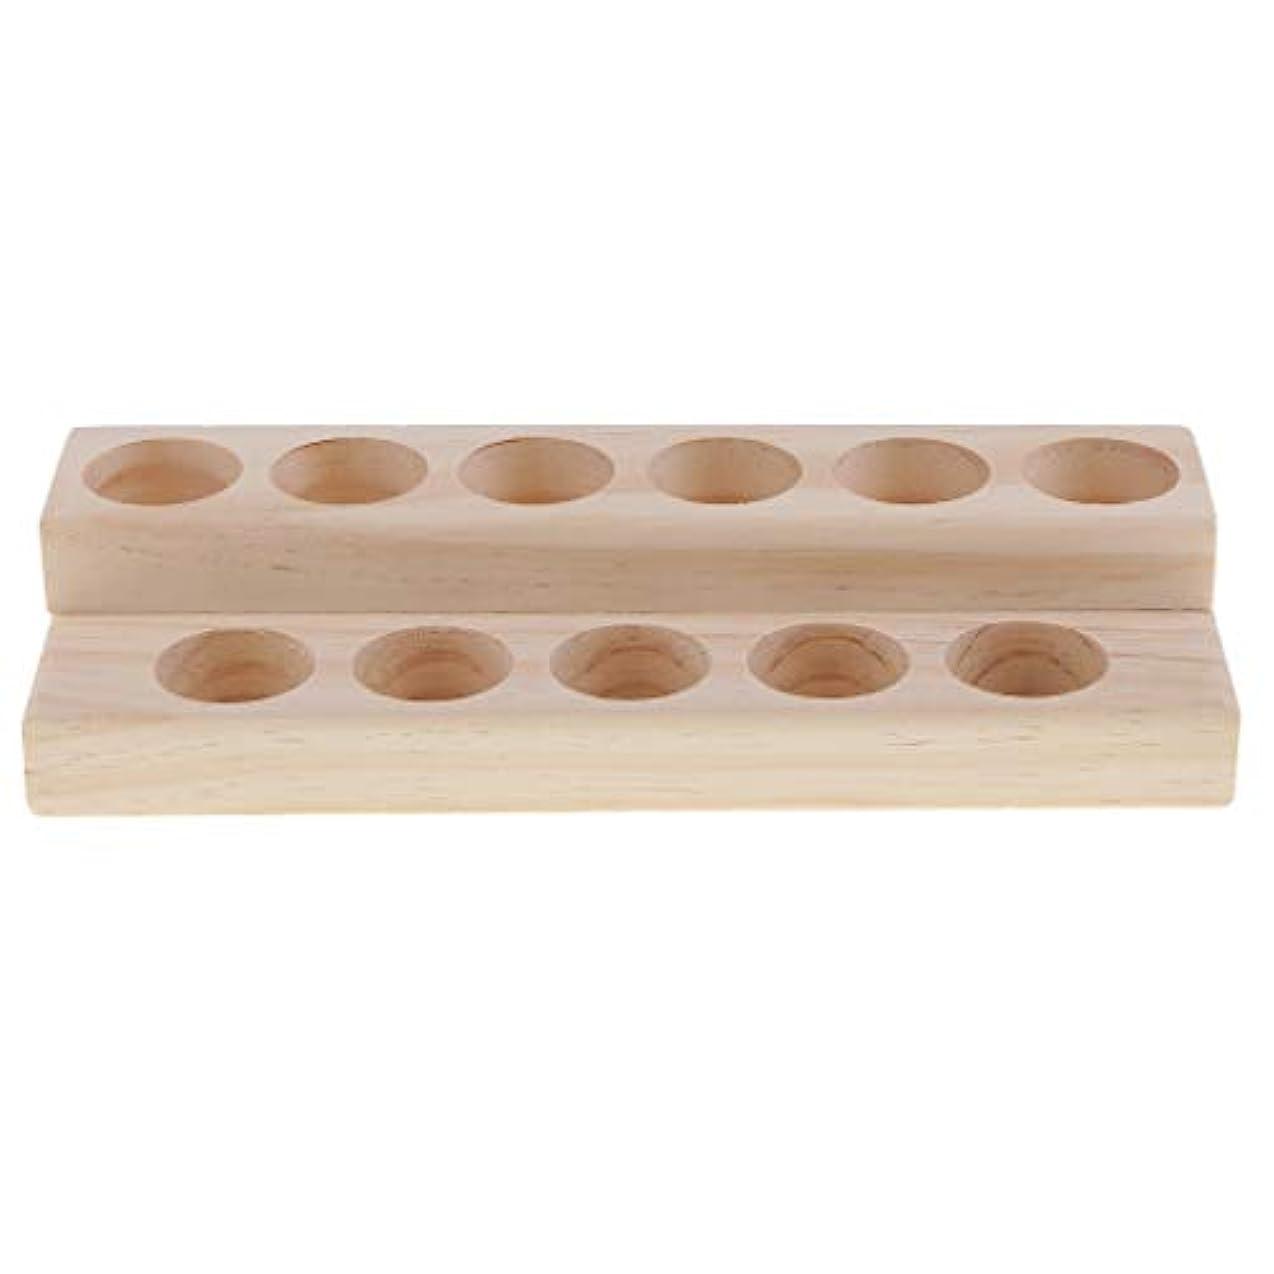 連続的のどリファイン木製 エッセンシャルオイル 展示ラック 精油 オルガナイザー 陳列台 アクセサリー 2層